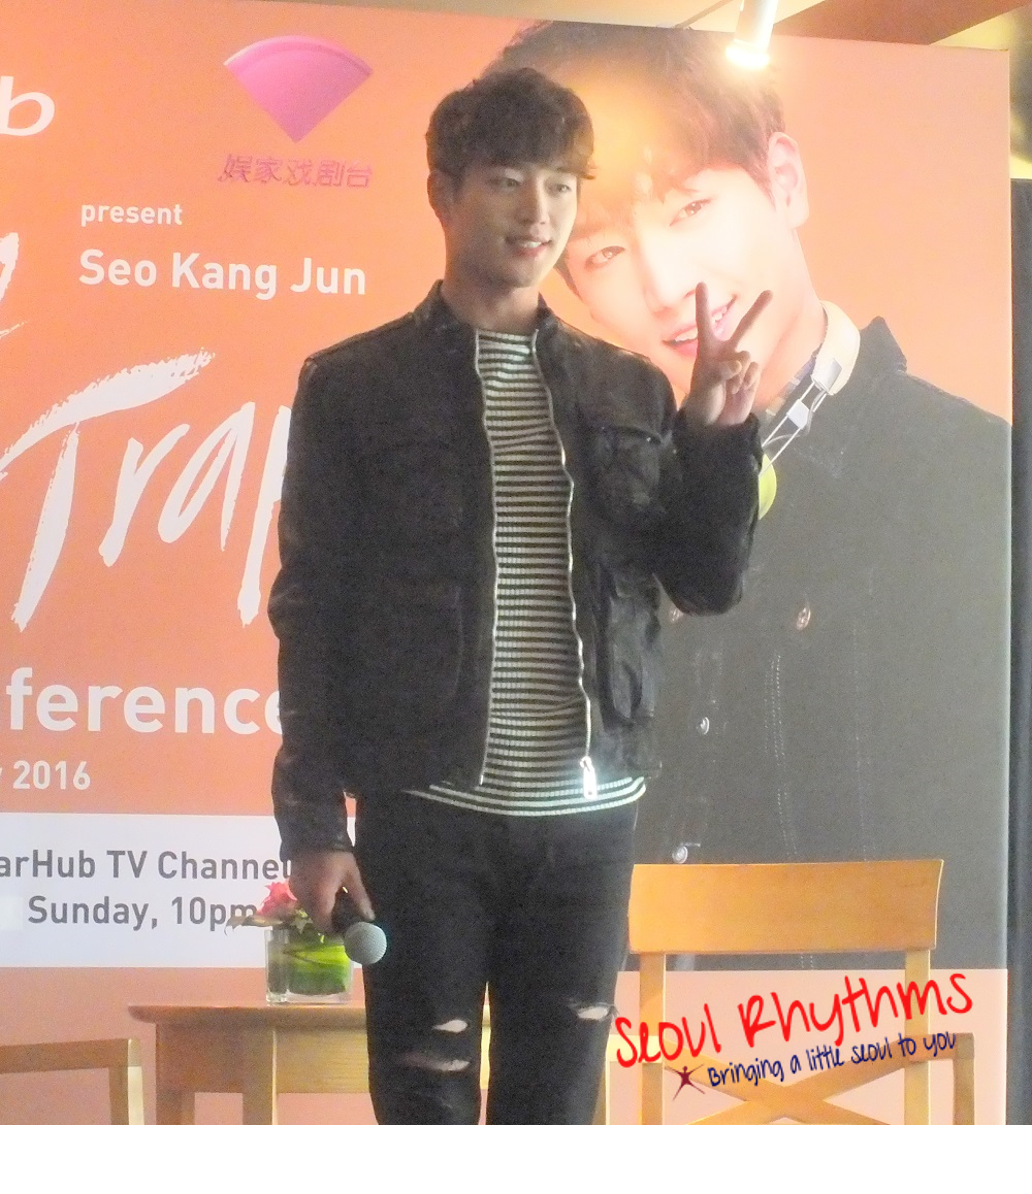 Seo Kang Jun Press Con 1a